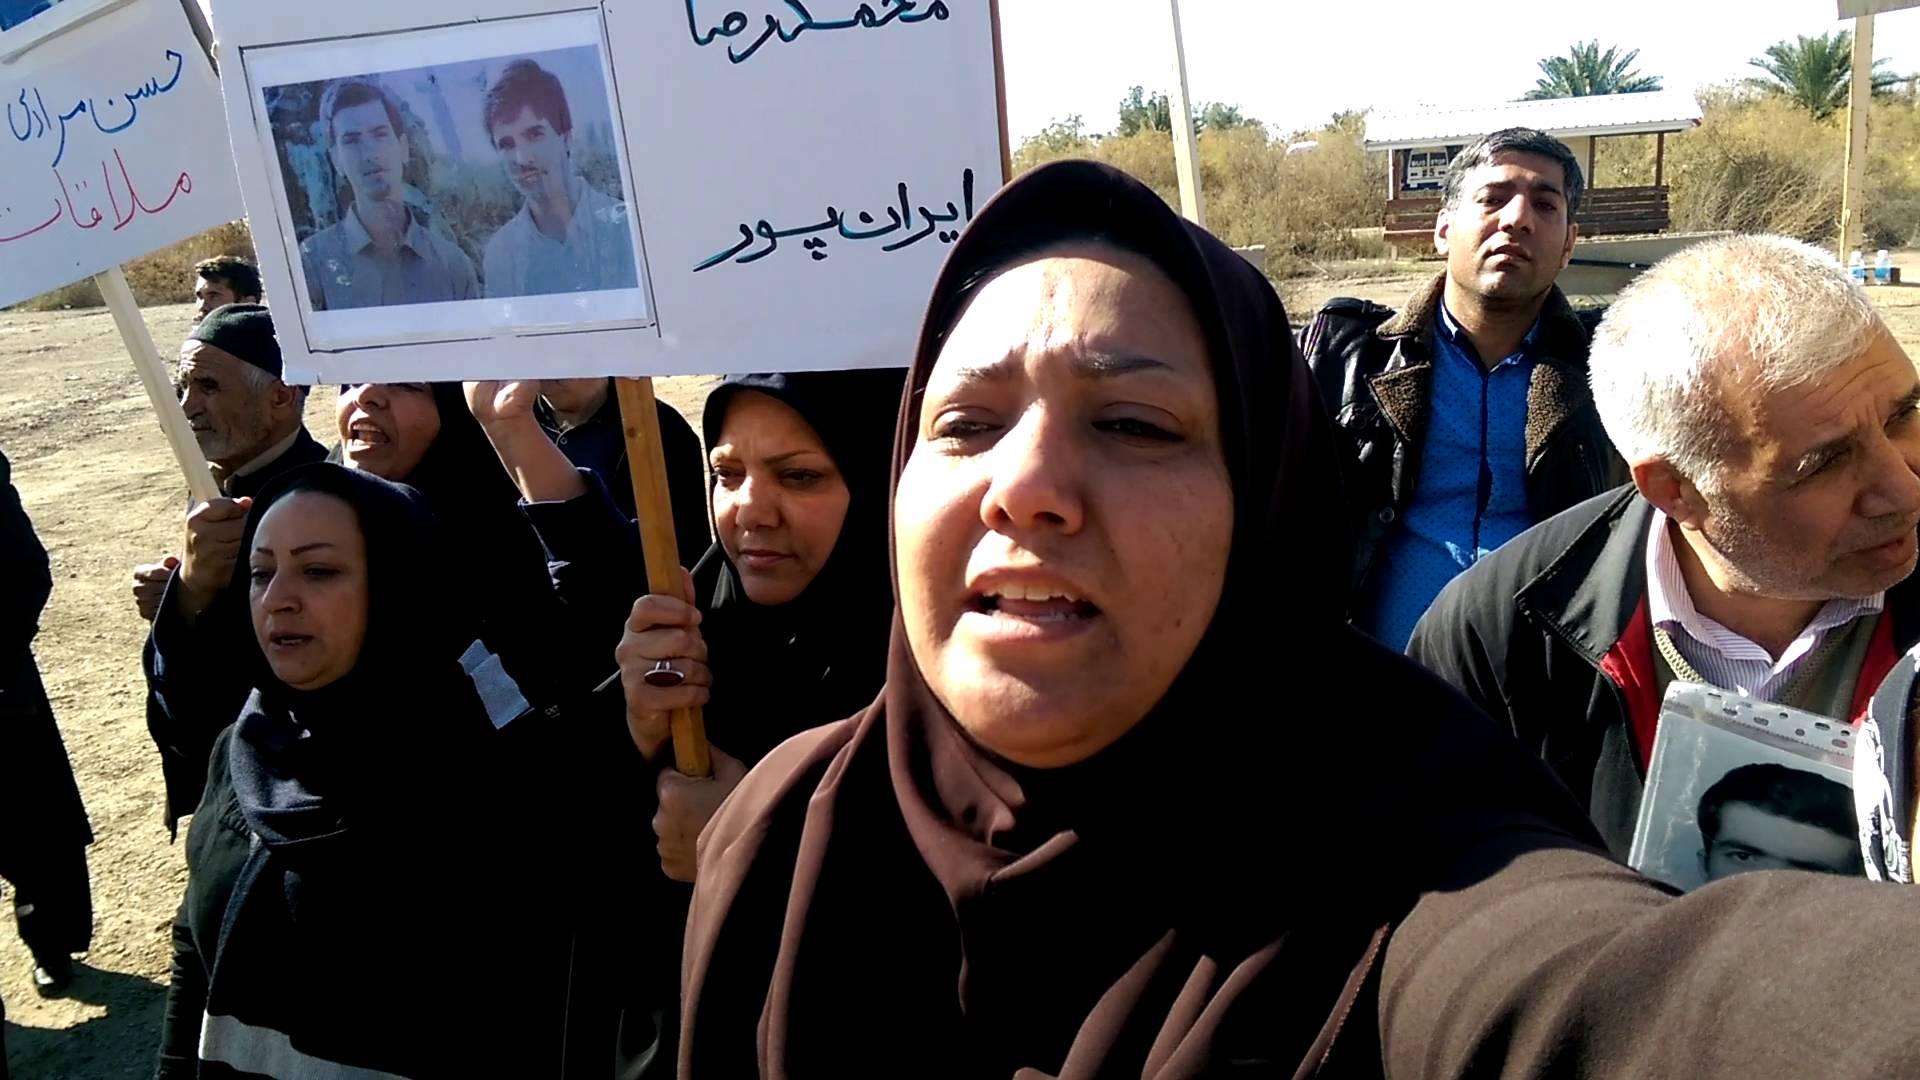 نامۀ خواهران ایران پور از خانواده های متحصن مقابل کمپ لیبرتی به کمیساریای بغداد